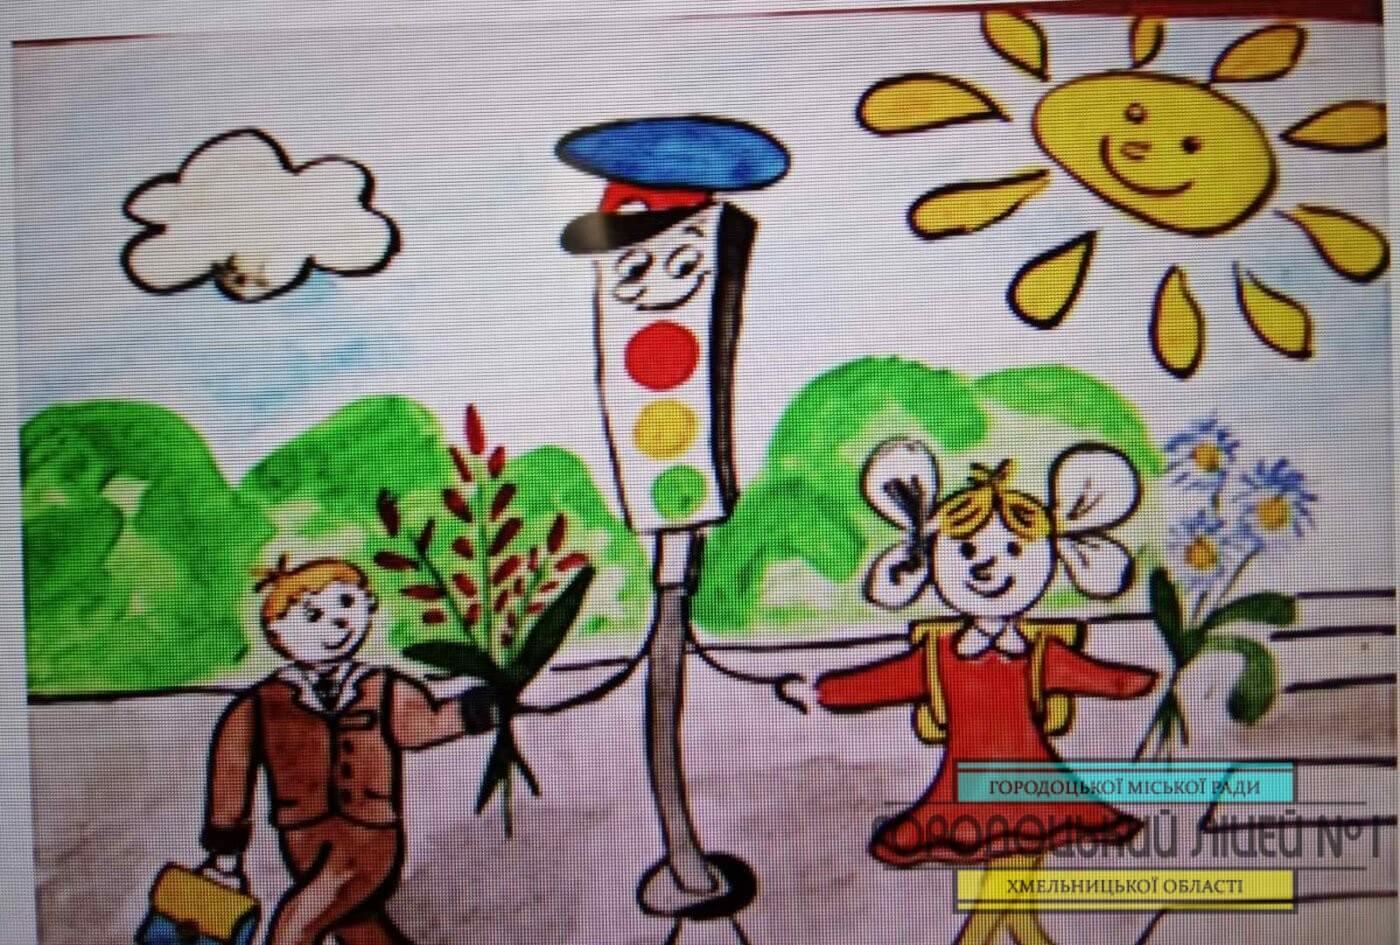 zobrazhennya viber 2020 05 21 08 26 19 1400x945 - Конкурс малюнків серед учнів 5 - 7 класів з безпеки дорожнього руху